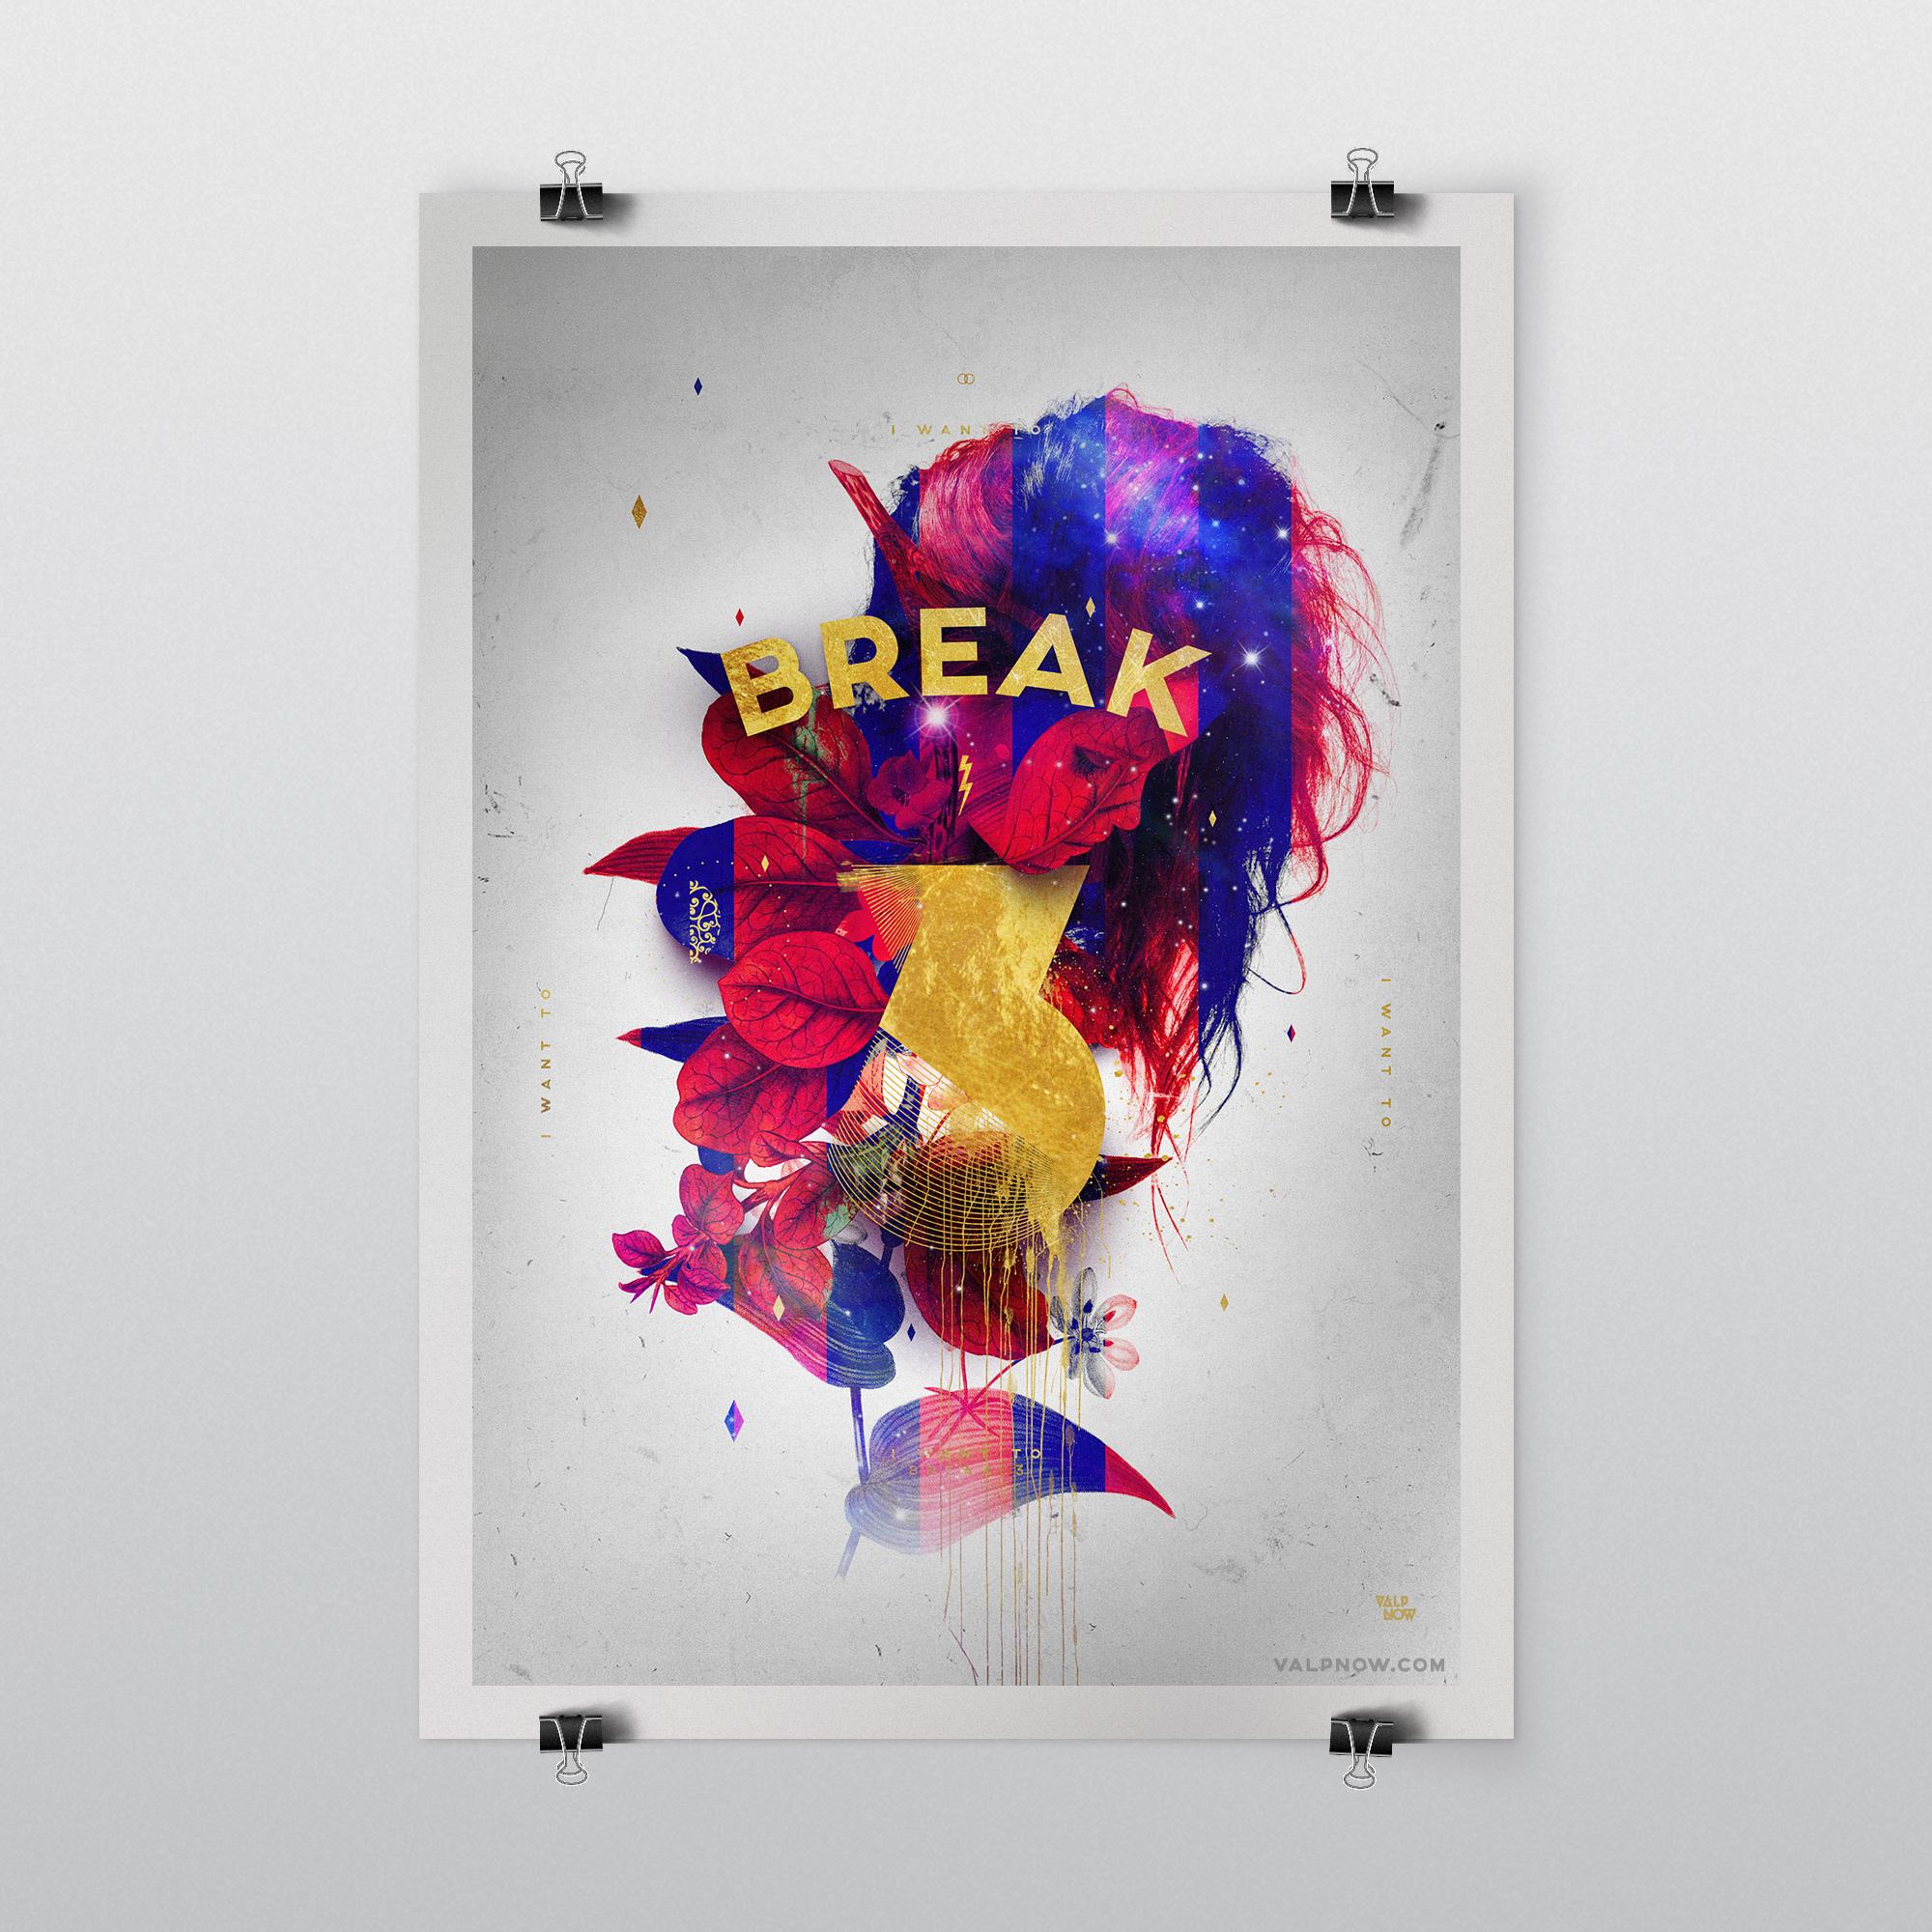 Valp - Break 3 (mockup).jpg